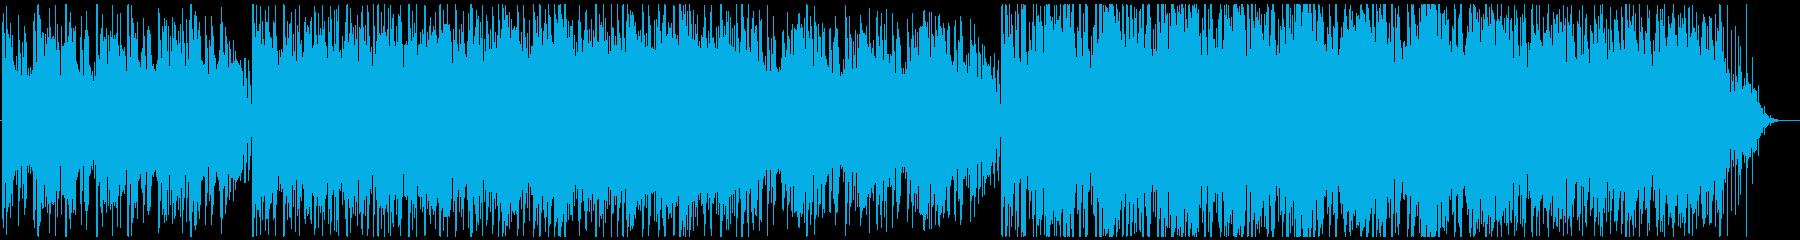 口笛で沖縄やハワイ系海映像におしゃれ軽快の再生済みの波形